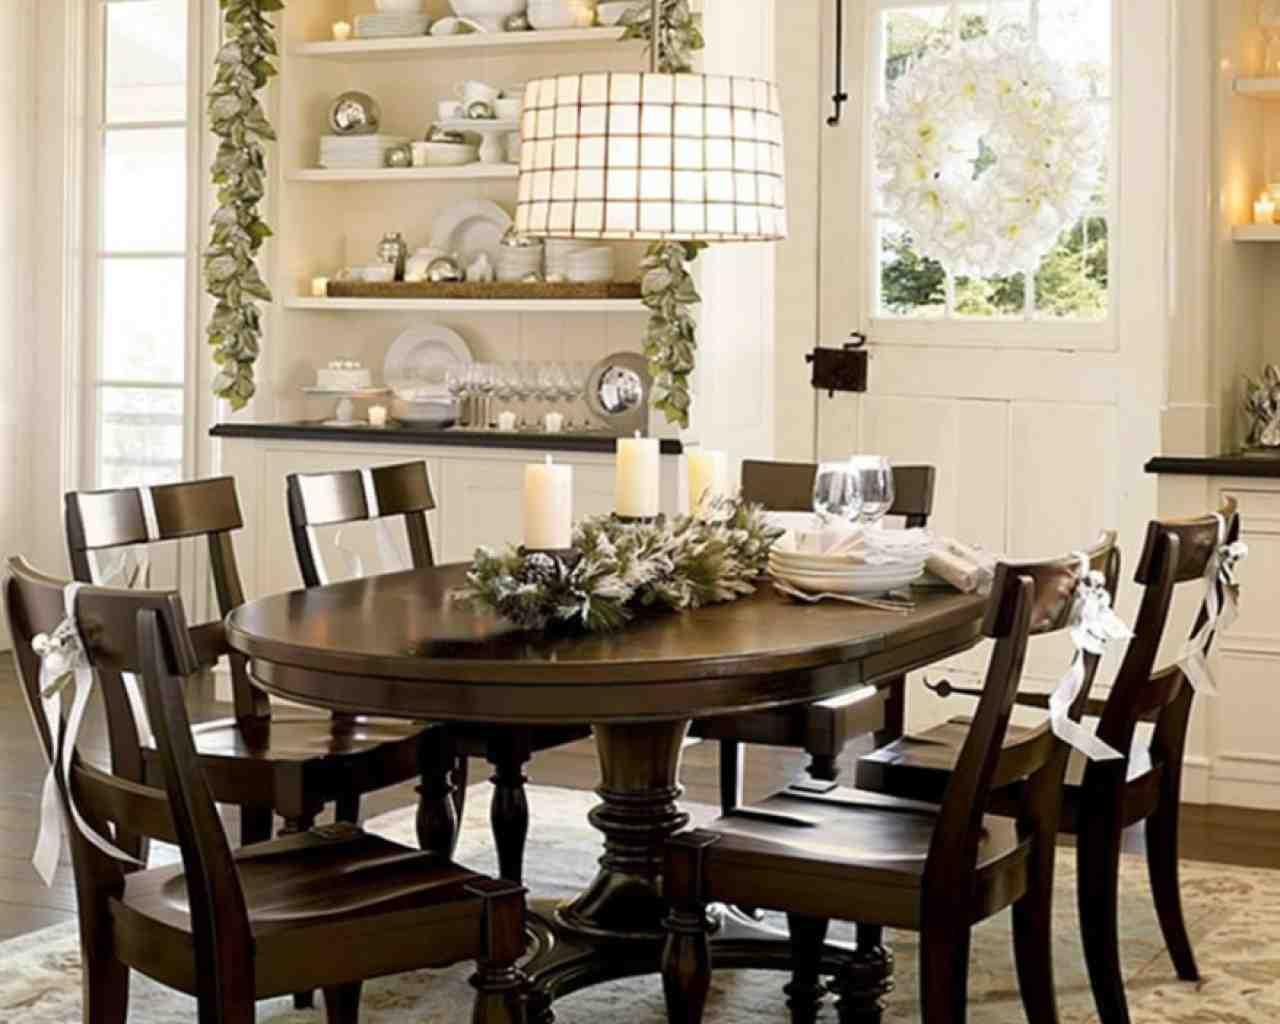 Dining Room Decorating Ideas On A Budget Decor Ideasdecor Ideas